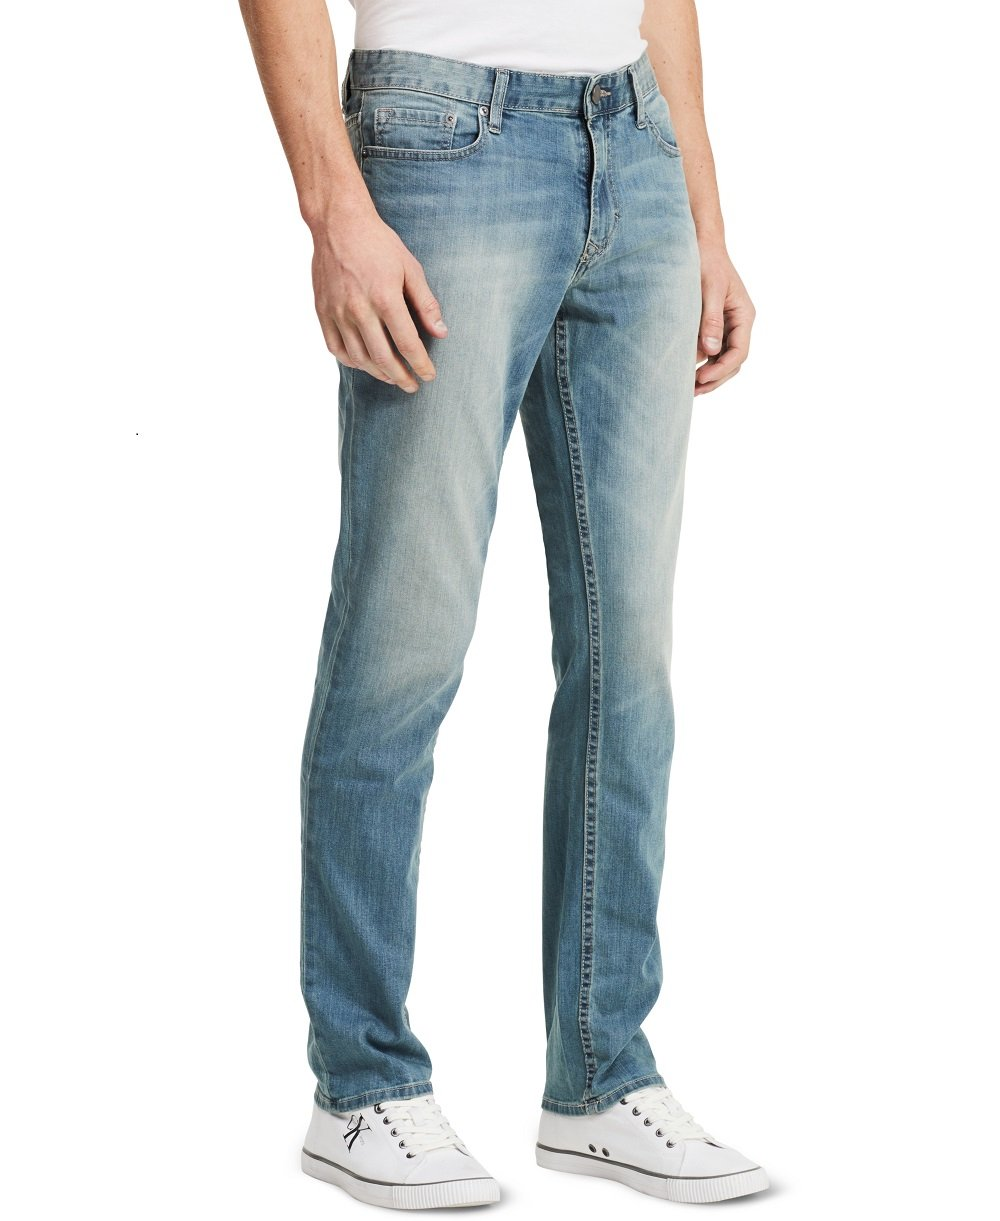 Calvin Klein Jeans Men's Slim Straight Leg Jean In Sliver Bullet, Silver Bullet, 32x30